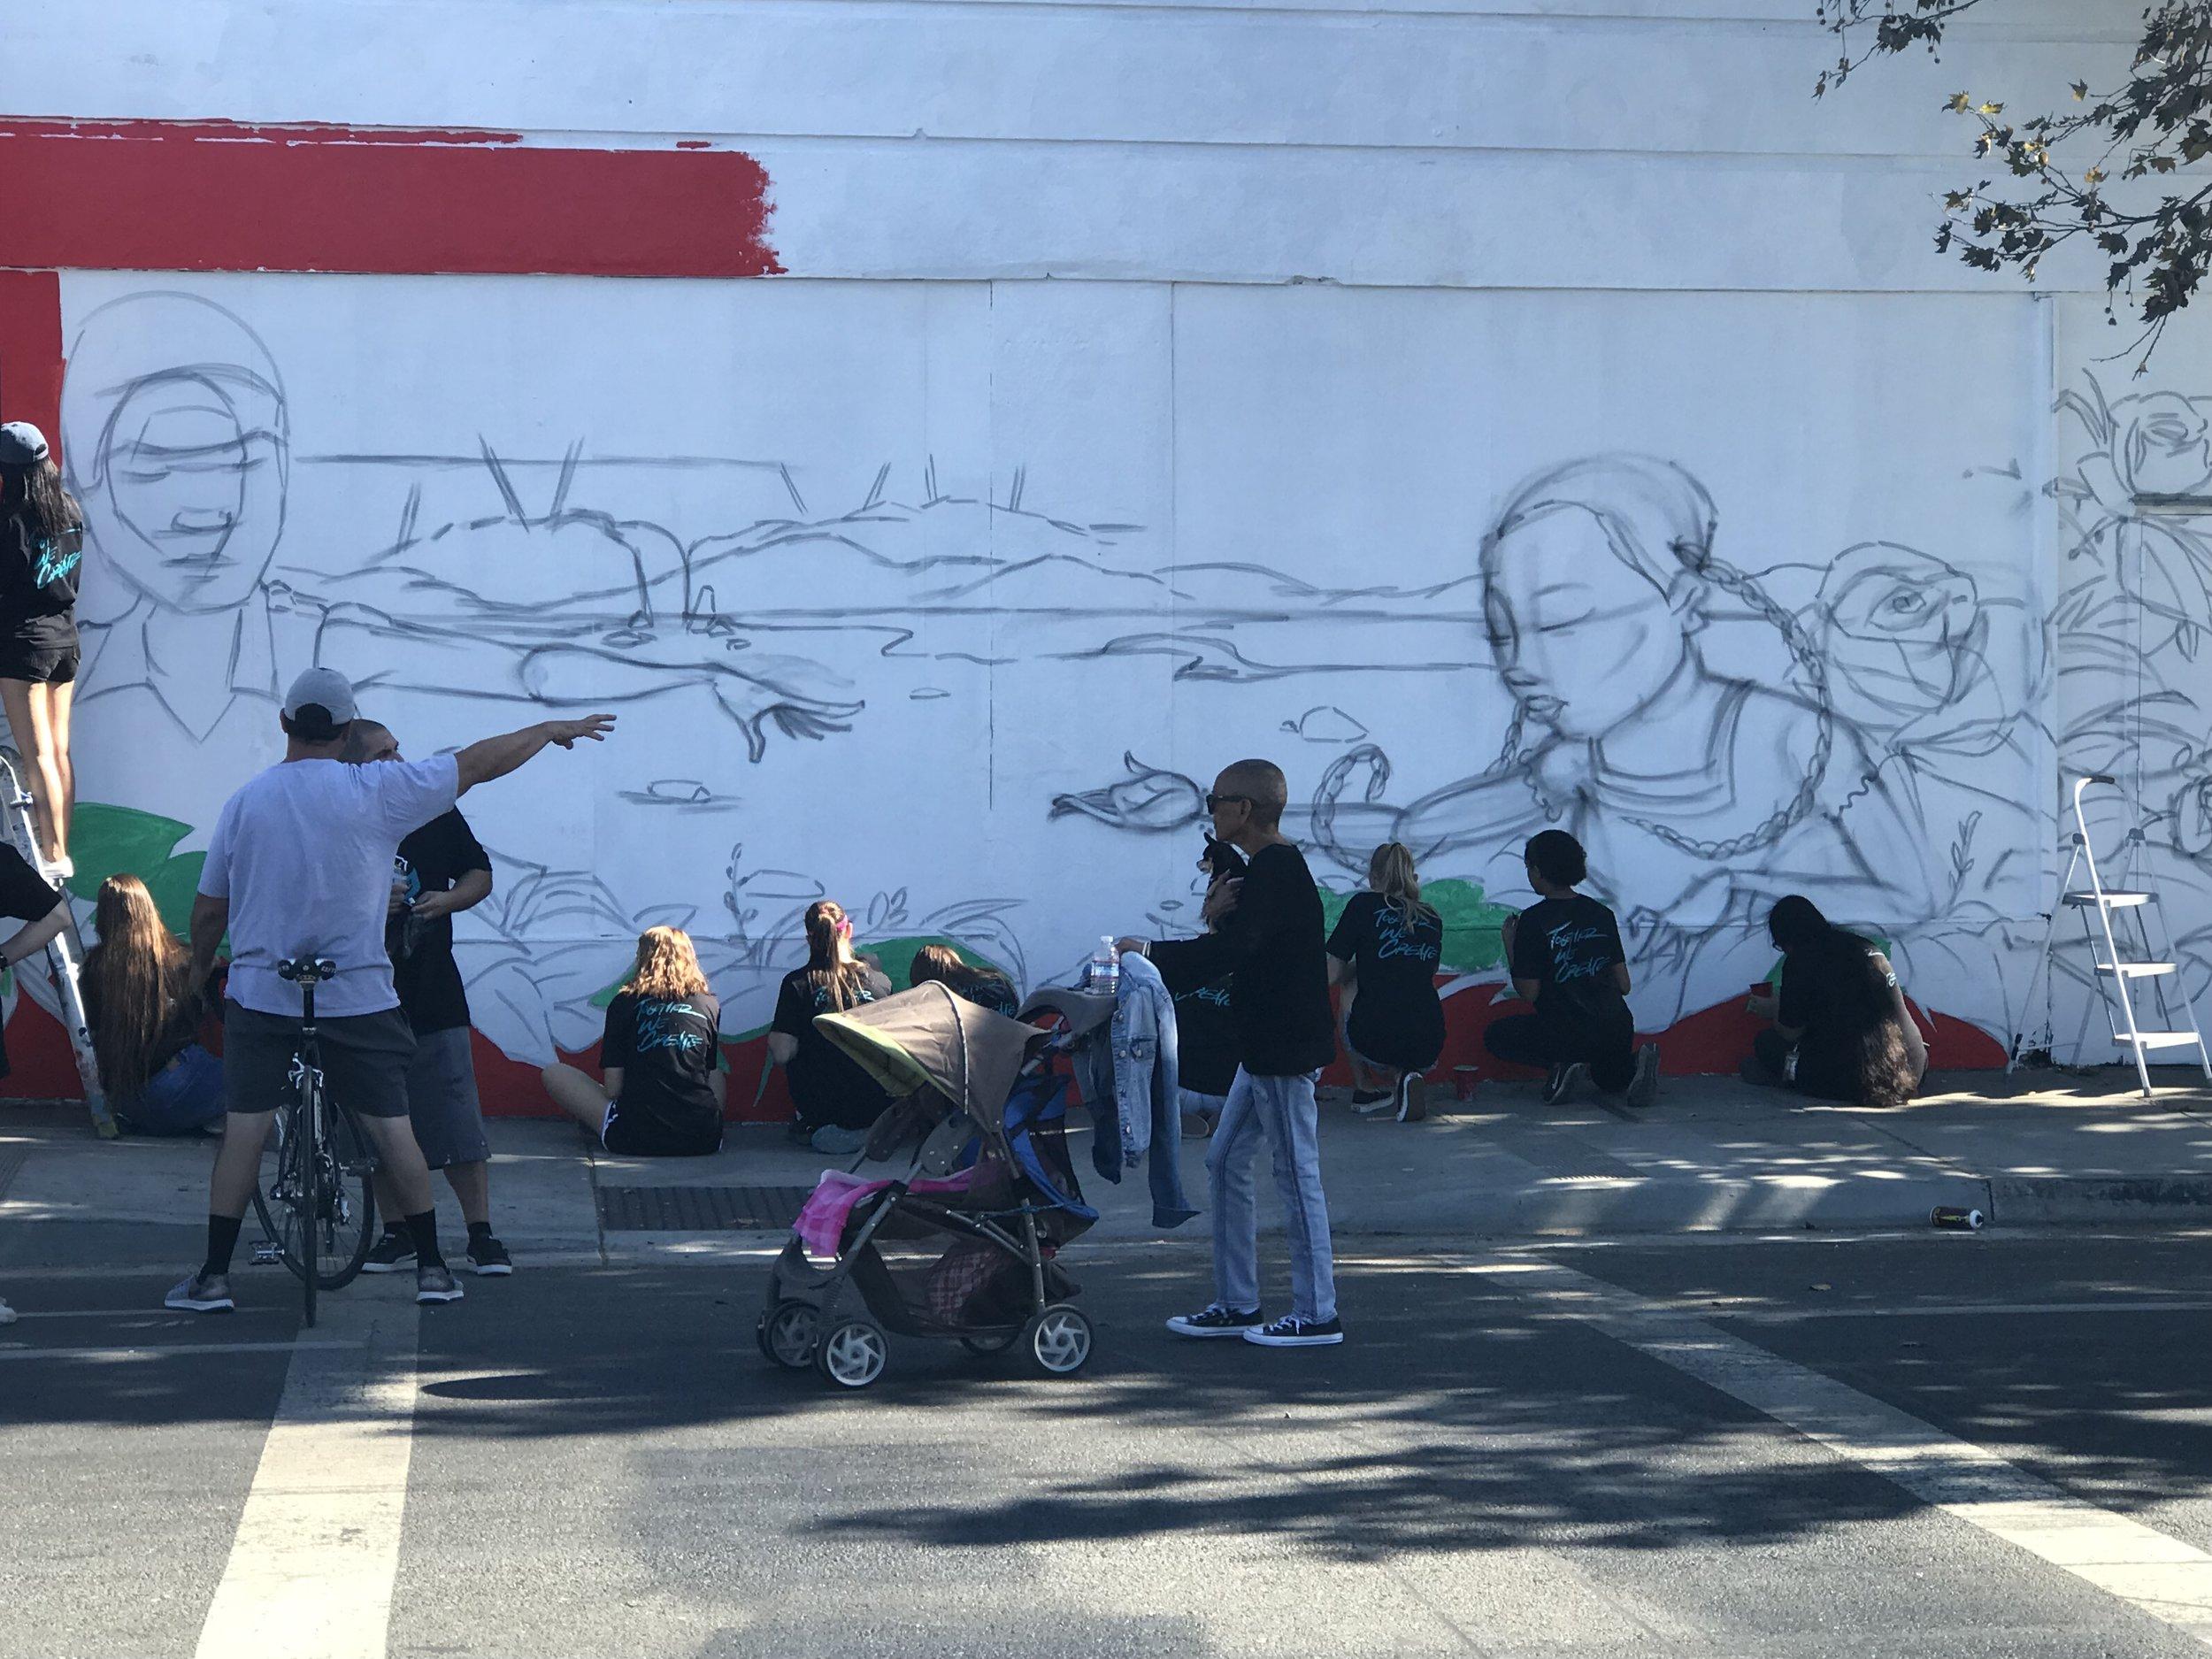 Các nghệ nhân đang vẽ tranh trên tường thành phố.